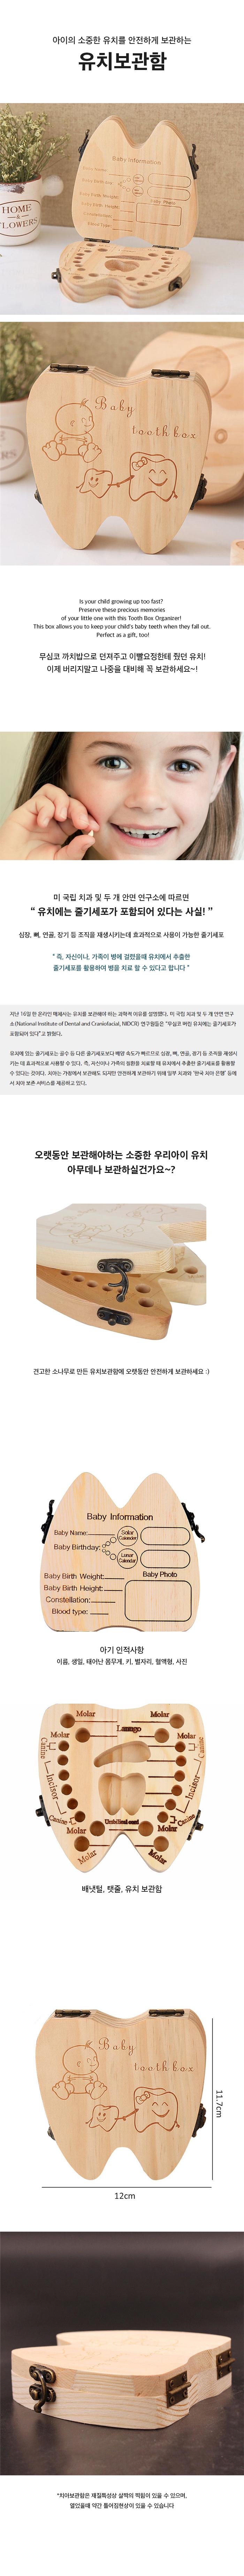 원목 유치 젖니 탯줄 보관함 배냇함 - 갓샵, 6,800원, 다이어리/성장앨범, 임신/출산 다이어리